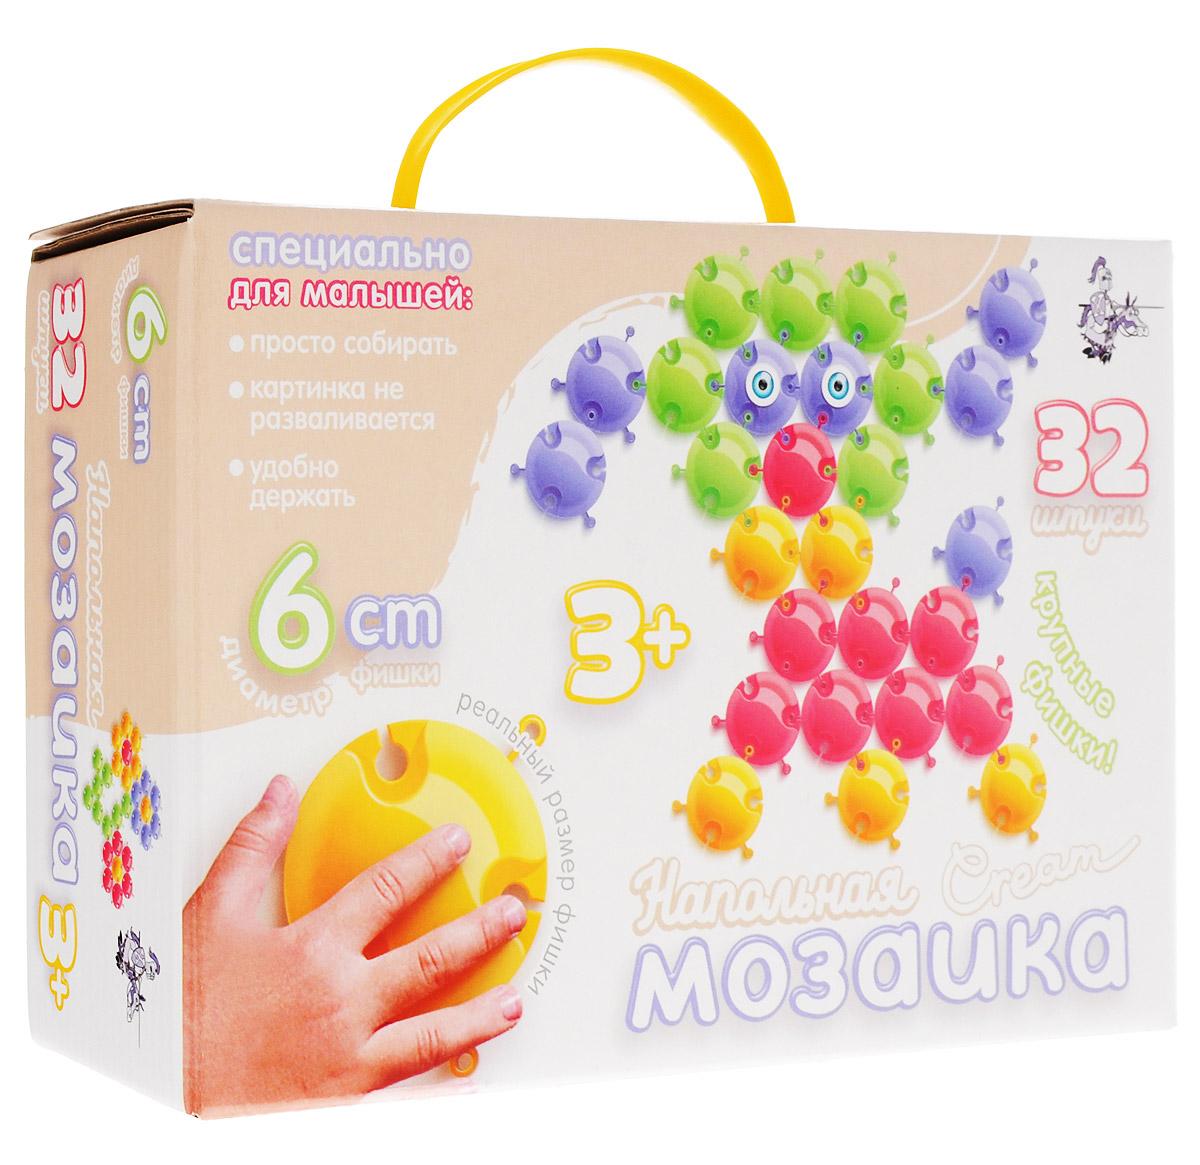 Десятое королевство Мозаика напольная Cream 15401540Напольная мозаика Десятое королевство Cream - увлекательная развивающая игра для самых маленьких! Она развивает у ребёнка творческие способности, воображение, мелкую моторику рук, воображение, координацию движений. Эта мозаика открывает перед малышом неограниченные возможности создания собственных композиций. Конструкция мозаики позволяет с лёгкостью скреплять и фиксировать детали, которые состоят из высококачественных материалов, абсолютно безопасных для здоровья ребёнка. В комплект входят 32 фишки четырех цветов диаметром 6 см. Цвета элементов неяркие, так как многие детские врачи и психологи считают, что в детских игрушках надо избегать ярких, кричащих цветов. Напольная мозаика Десятое королевство Cream позволяет малышу с легкостью создавать очаровательные картинки нежнейших пастельных оттенков. При этом замки на элементах сделаны так, что легко соединяя их между собой, достаточно прочно скрепляют изображение целиком, позволяя его двигать и приподнимать, а...